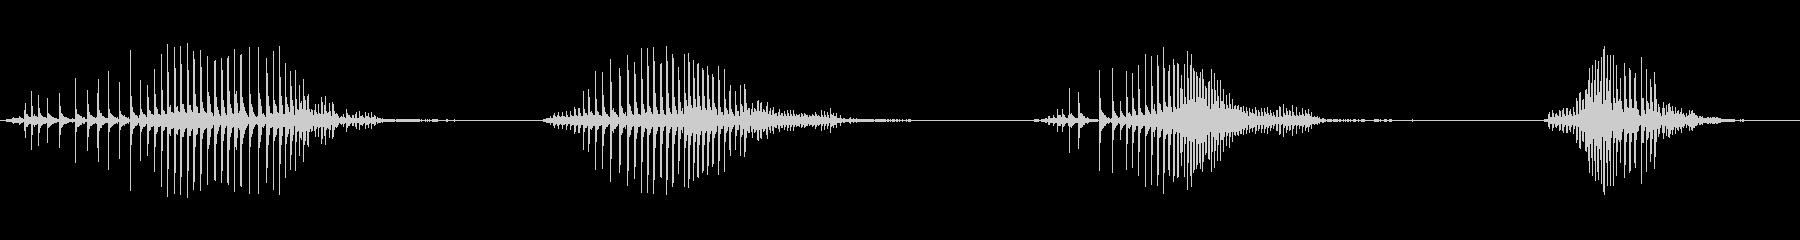 ドアウッドクリークスローx4の未再生の波形